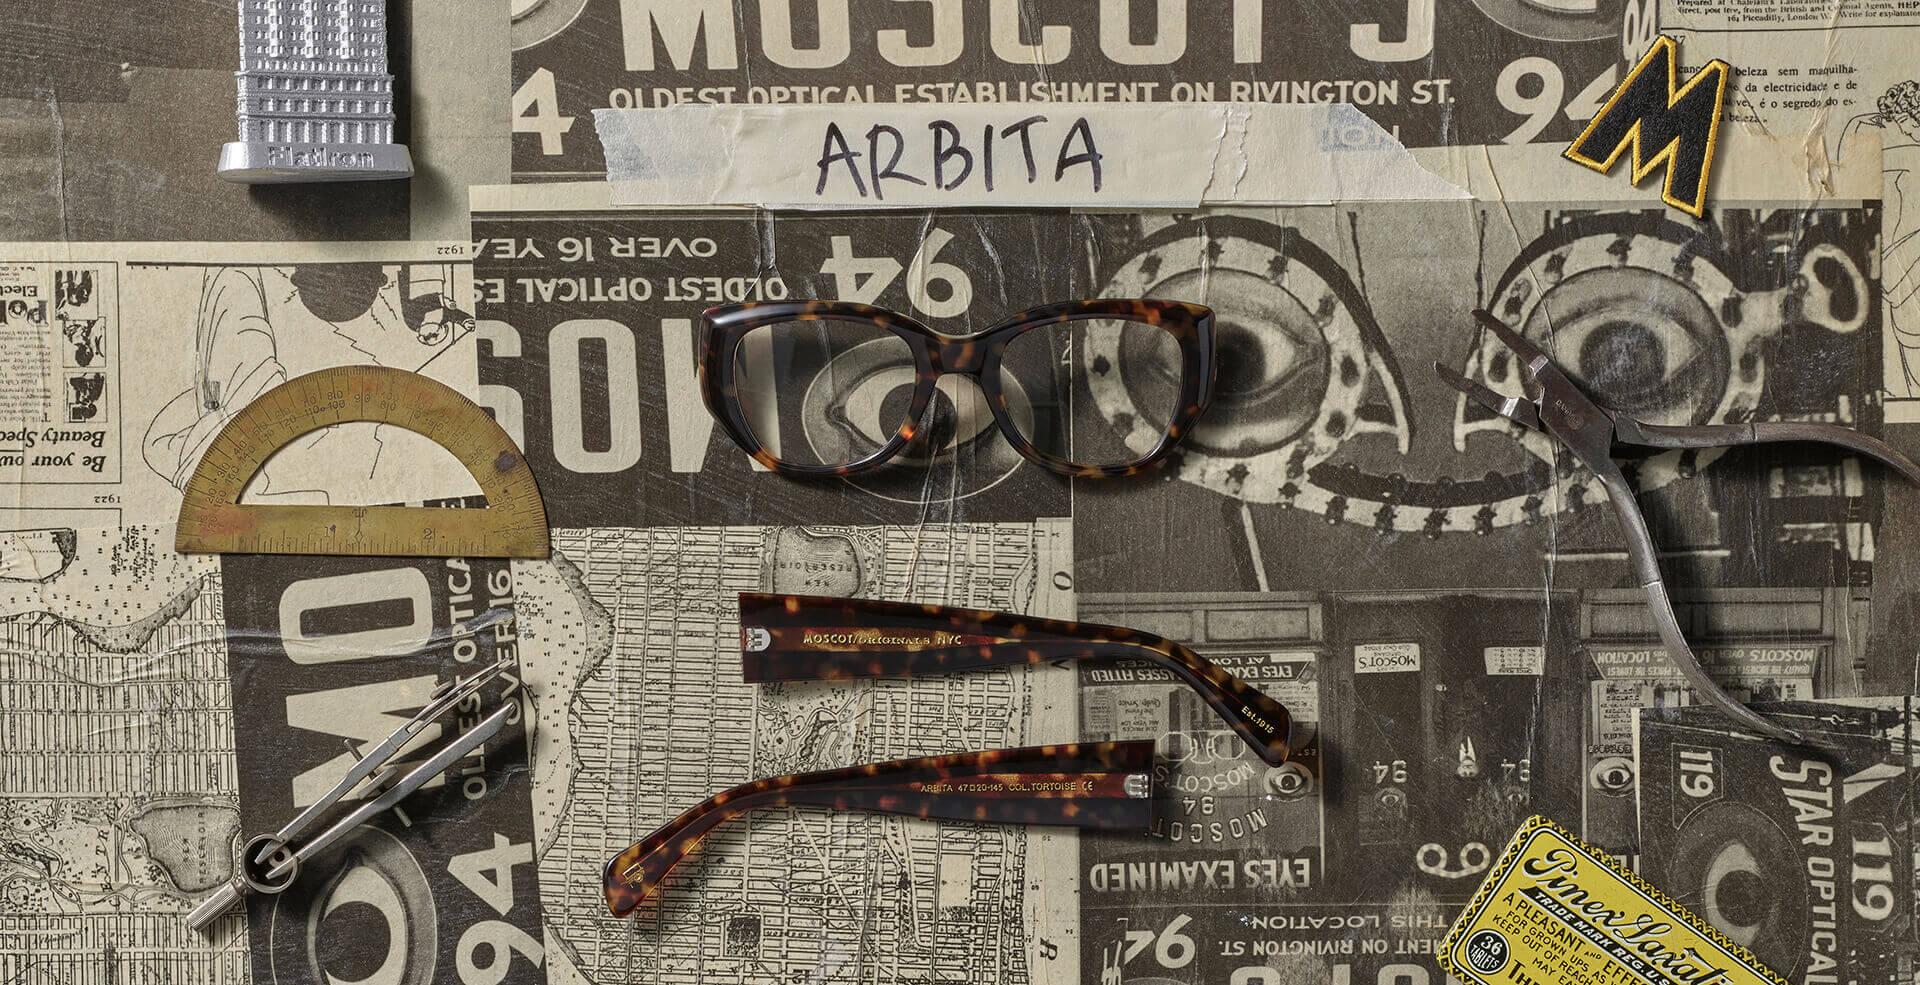 Disassembled ARBITA frame